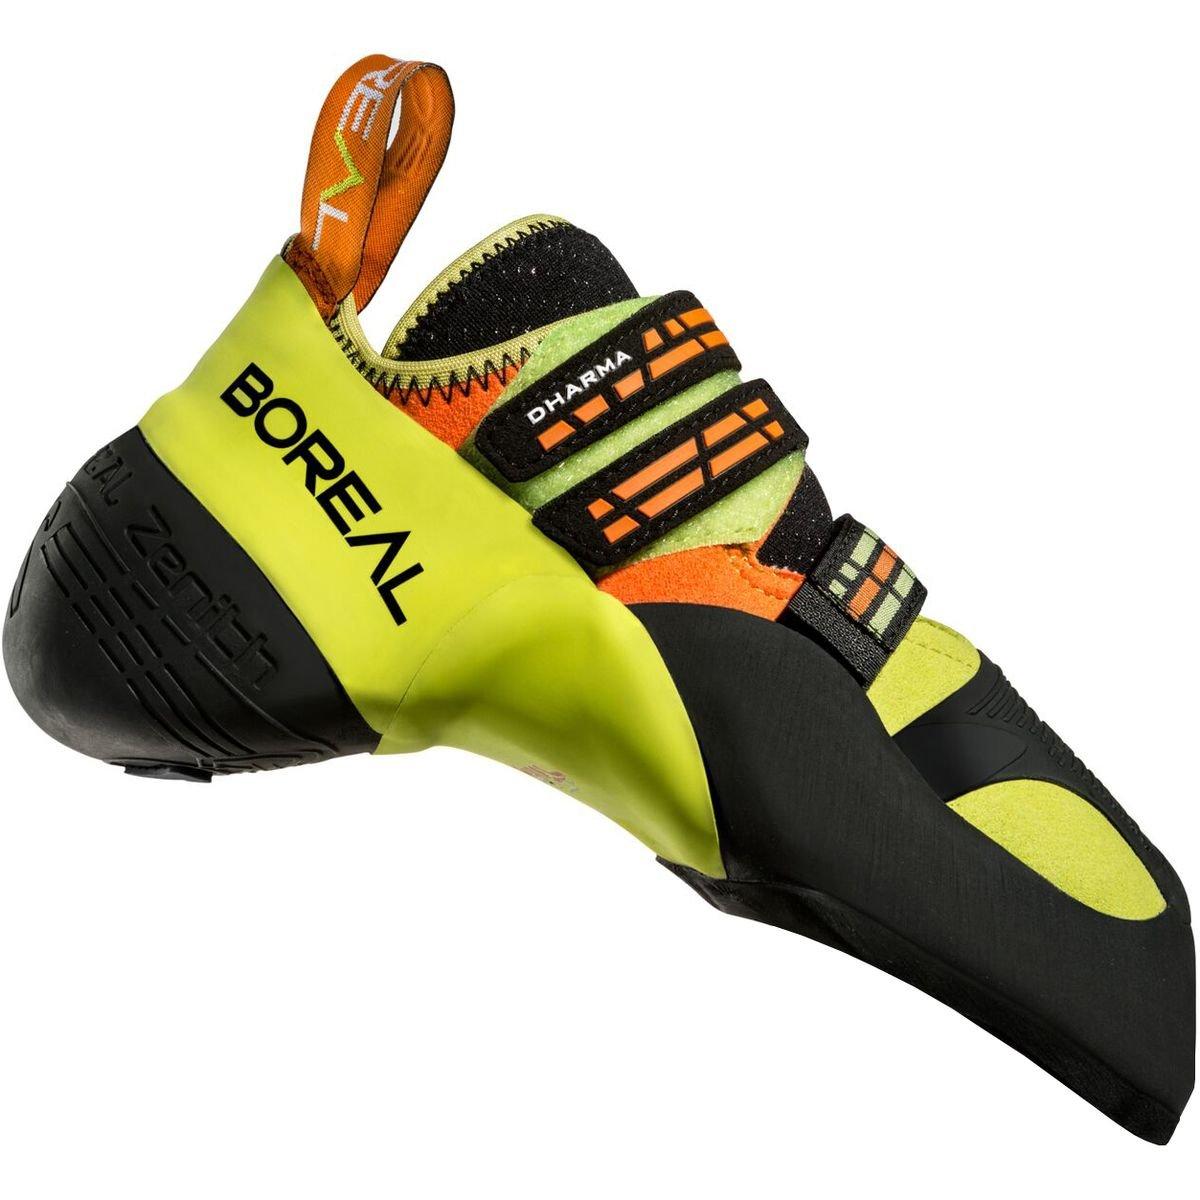 Boreal Dharma, Zapatos de Escalada para Hombre Hombre Hombre 7a3dc5